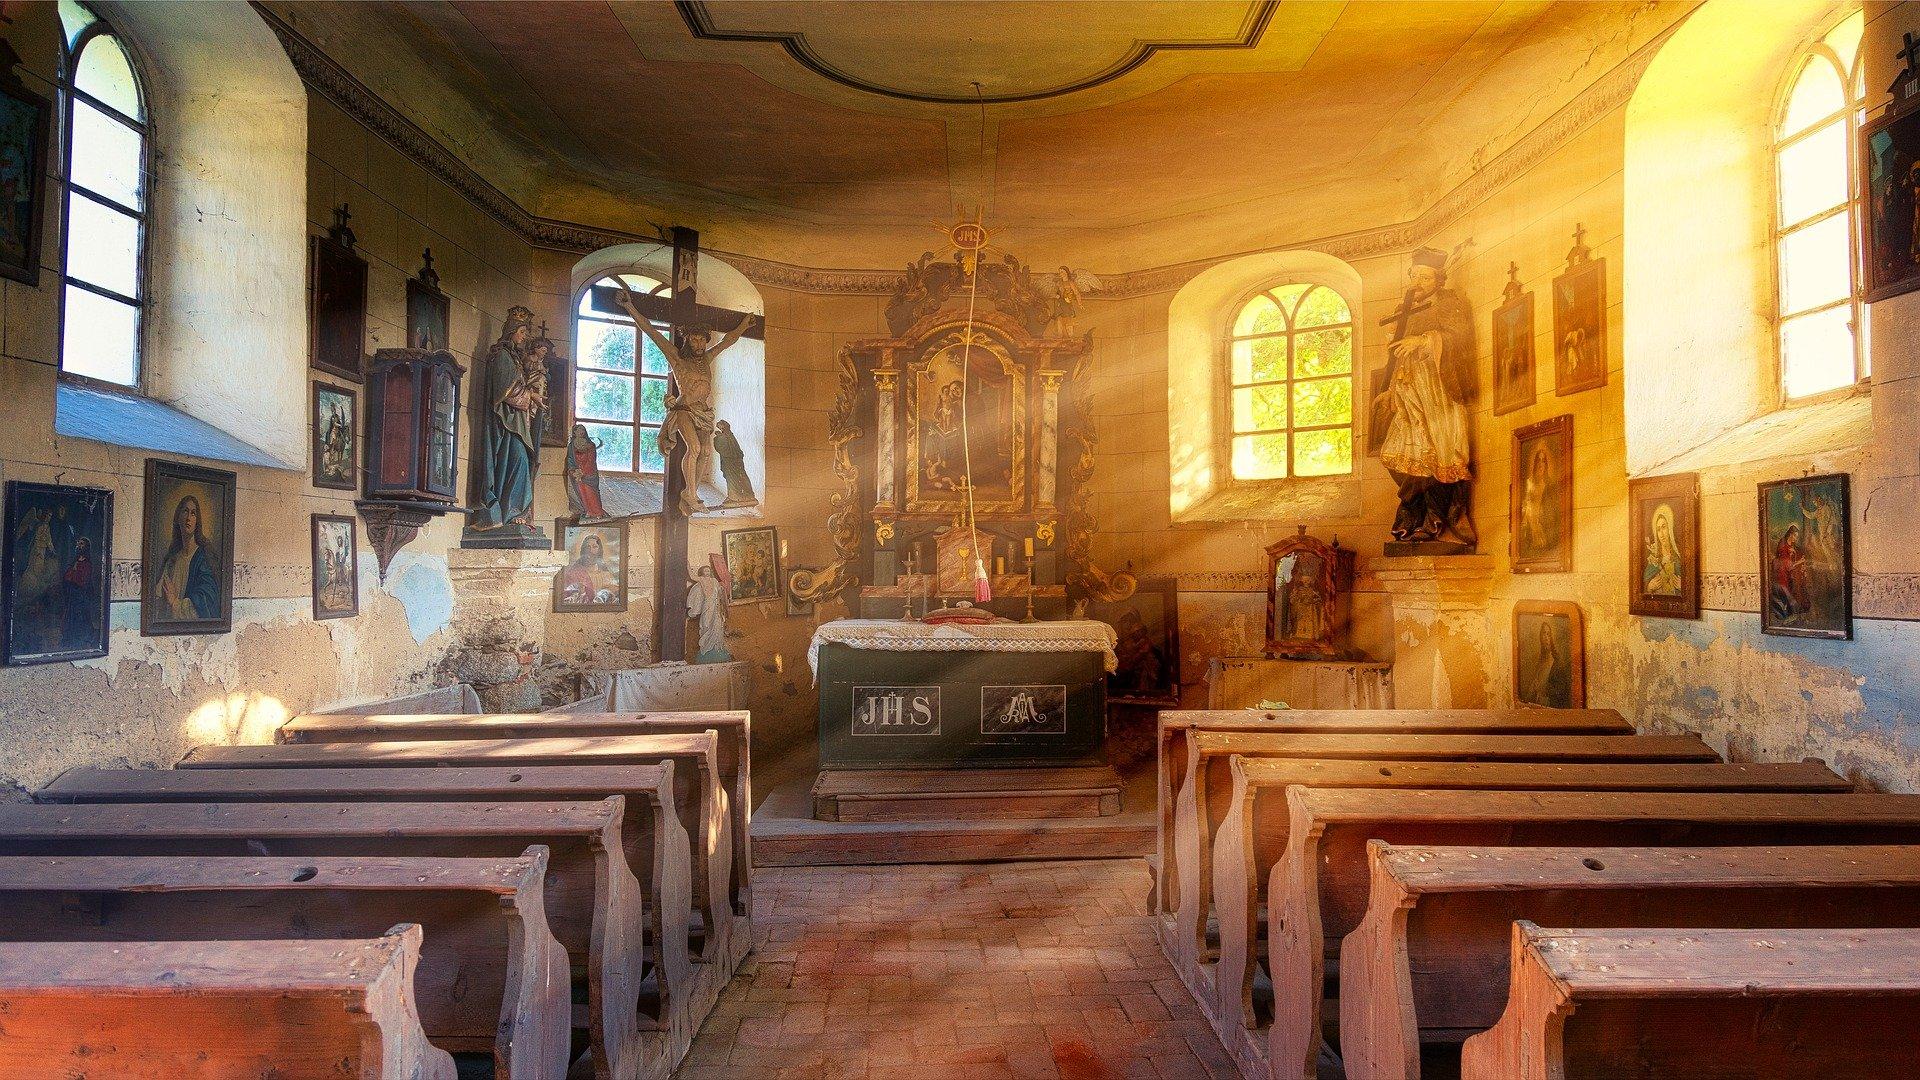 church-5126806_1920